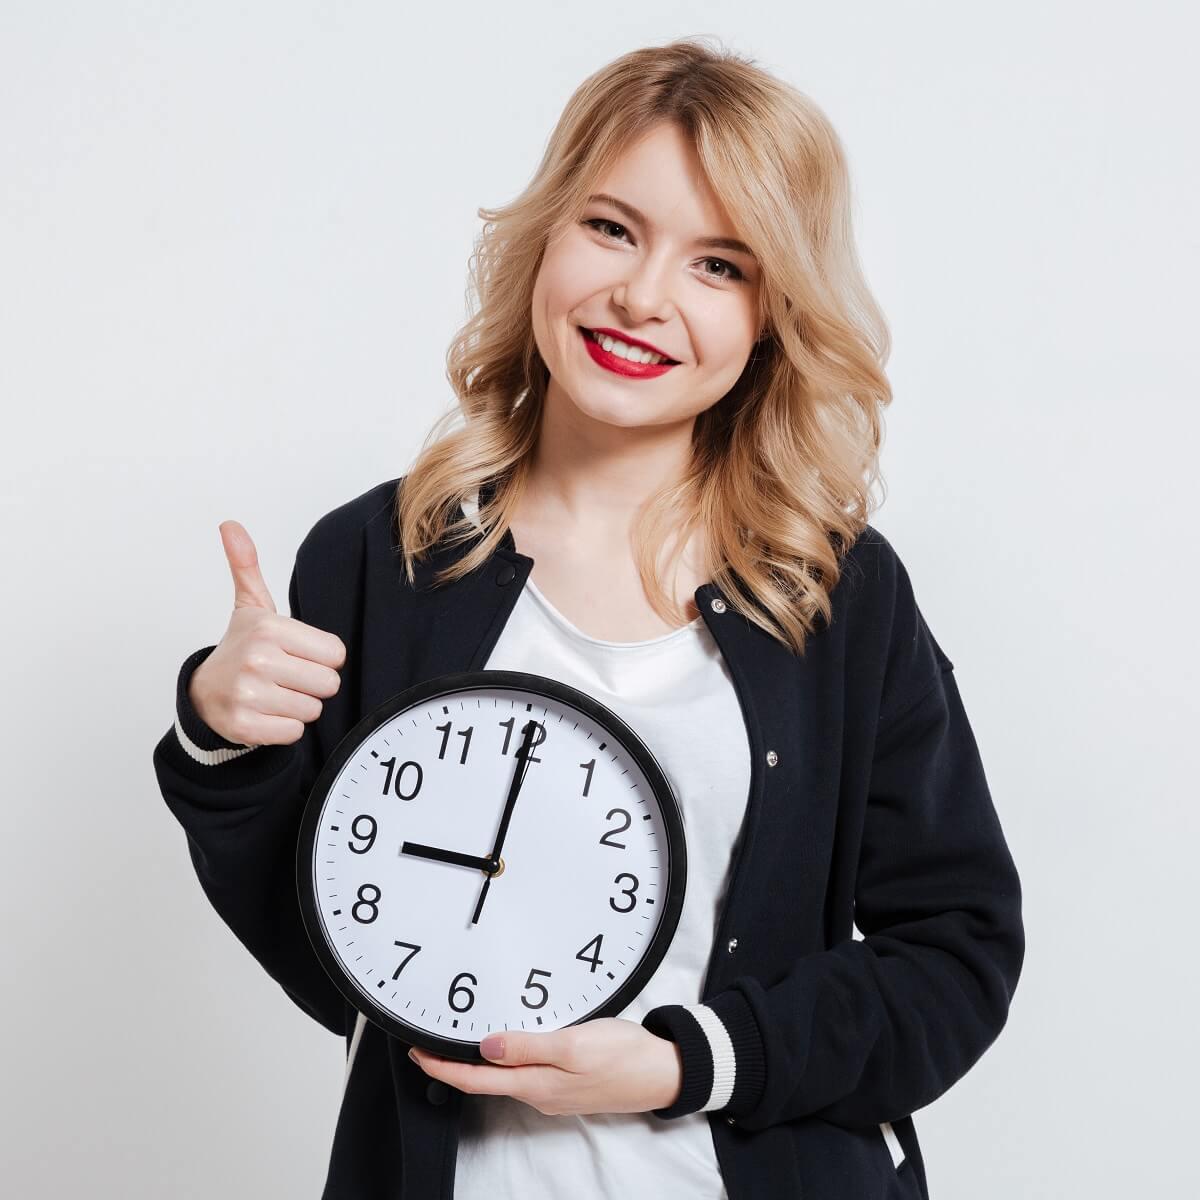 ブログ1記事に時間はどのくらいかけてる?目安と配分